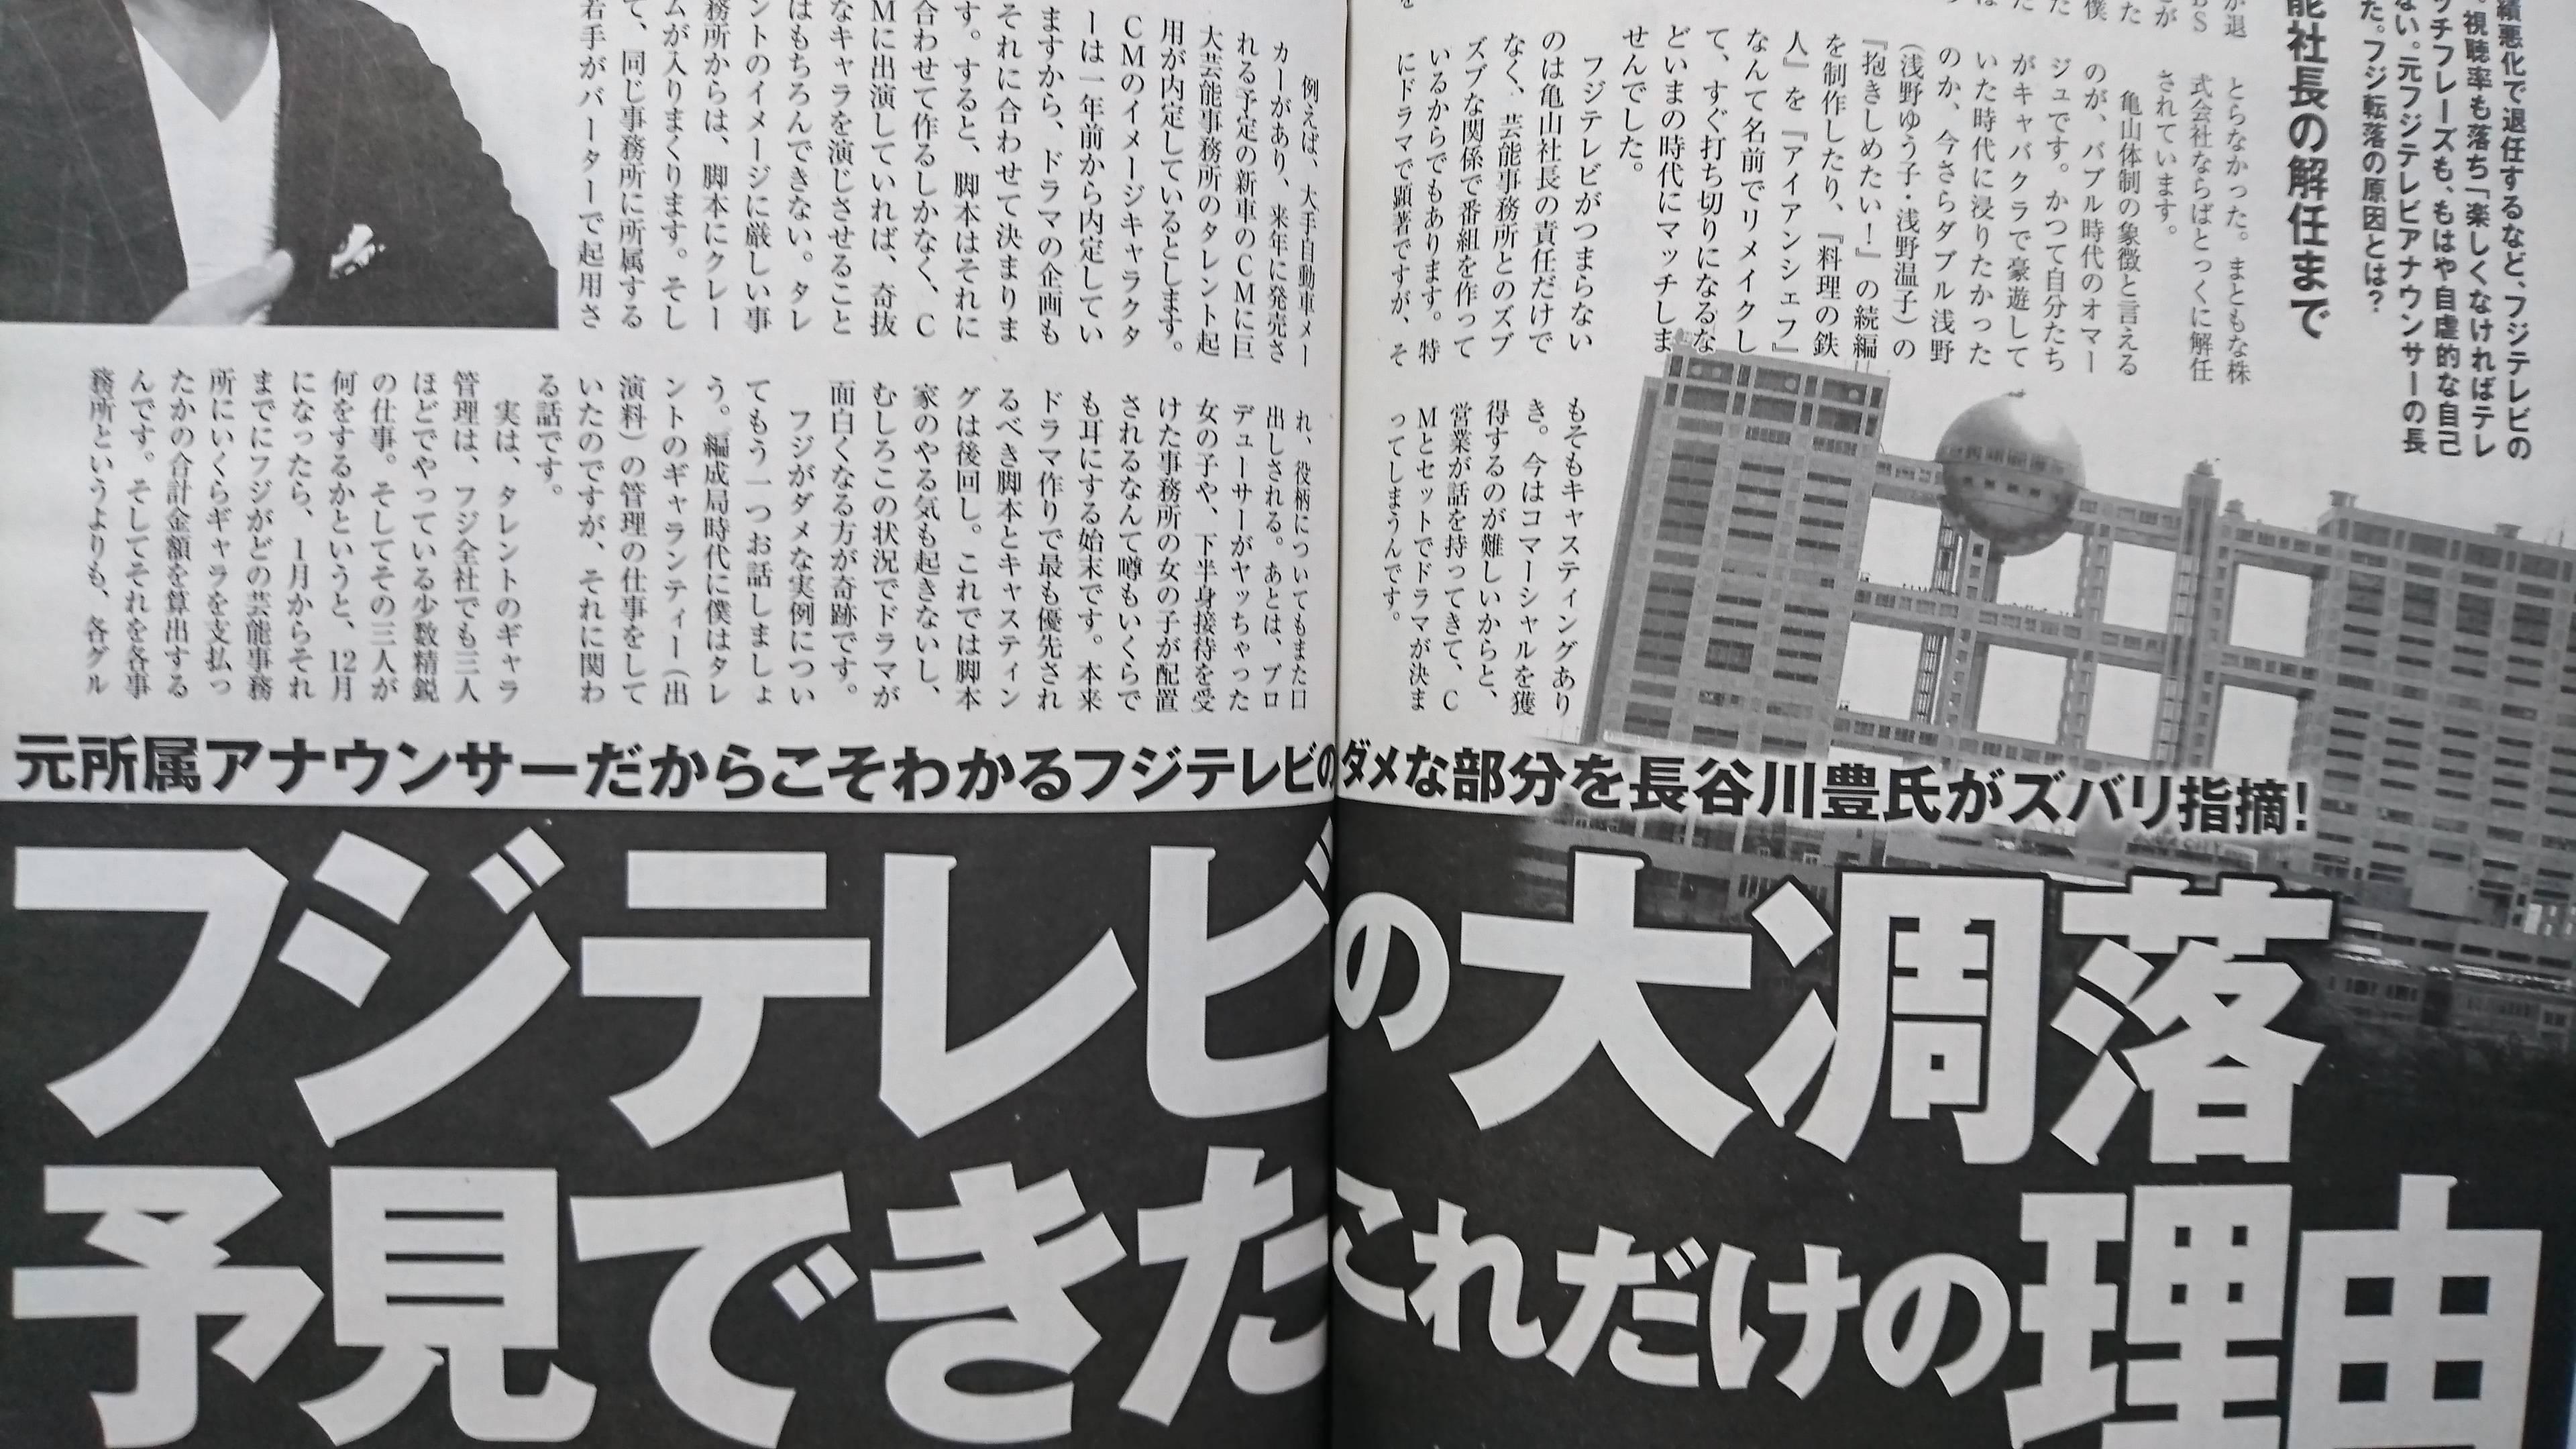 長谷川豊 「私が国会議員になったらフジテレビの放送免許を取り消す」のサムネイル画像